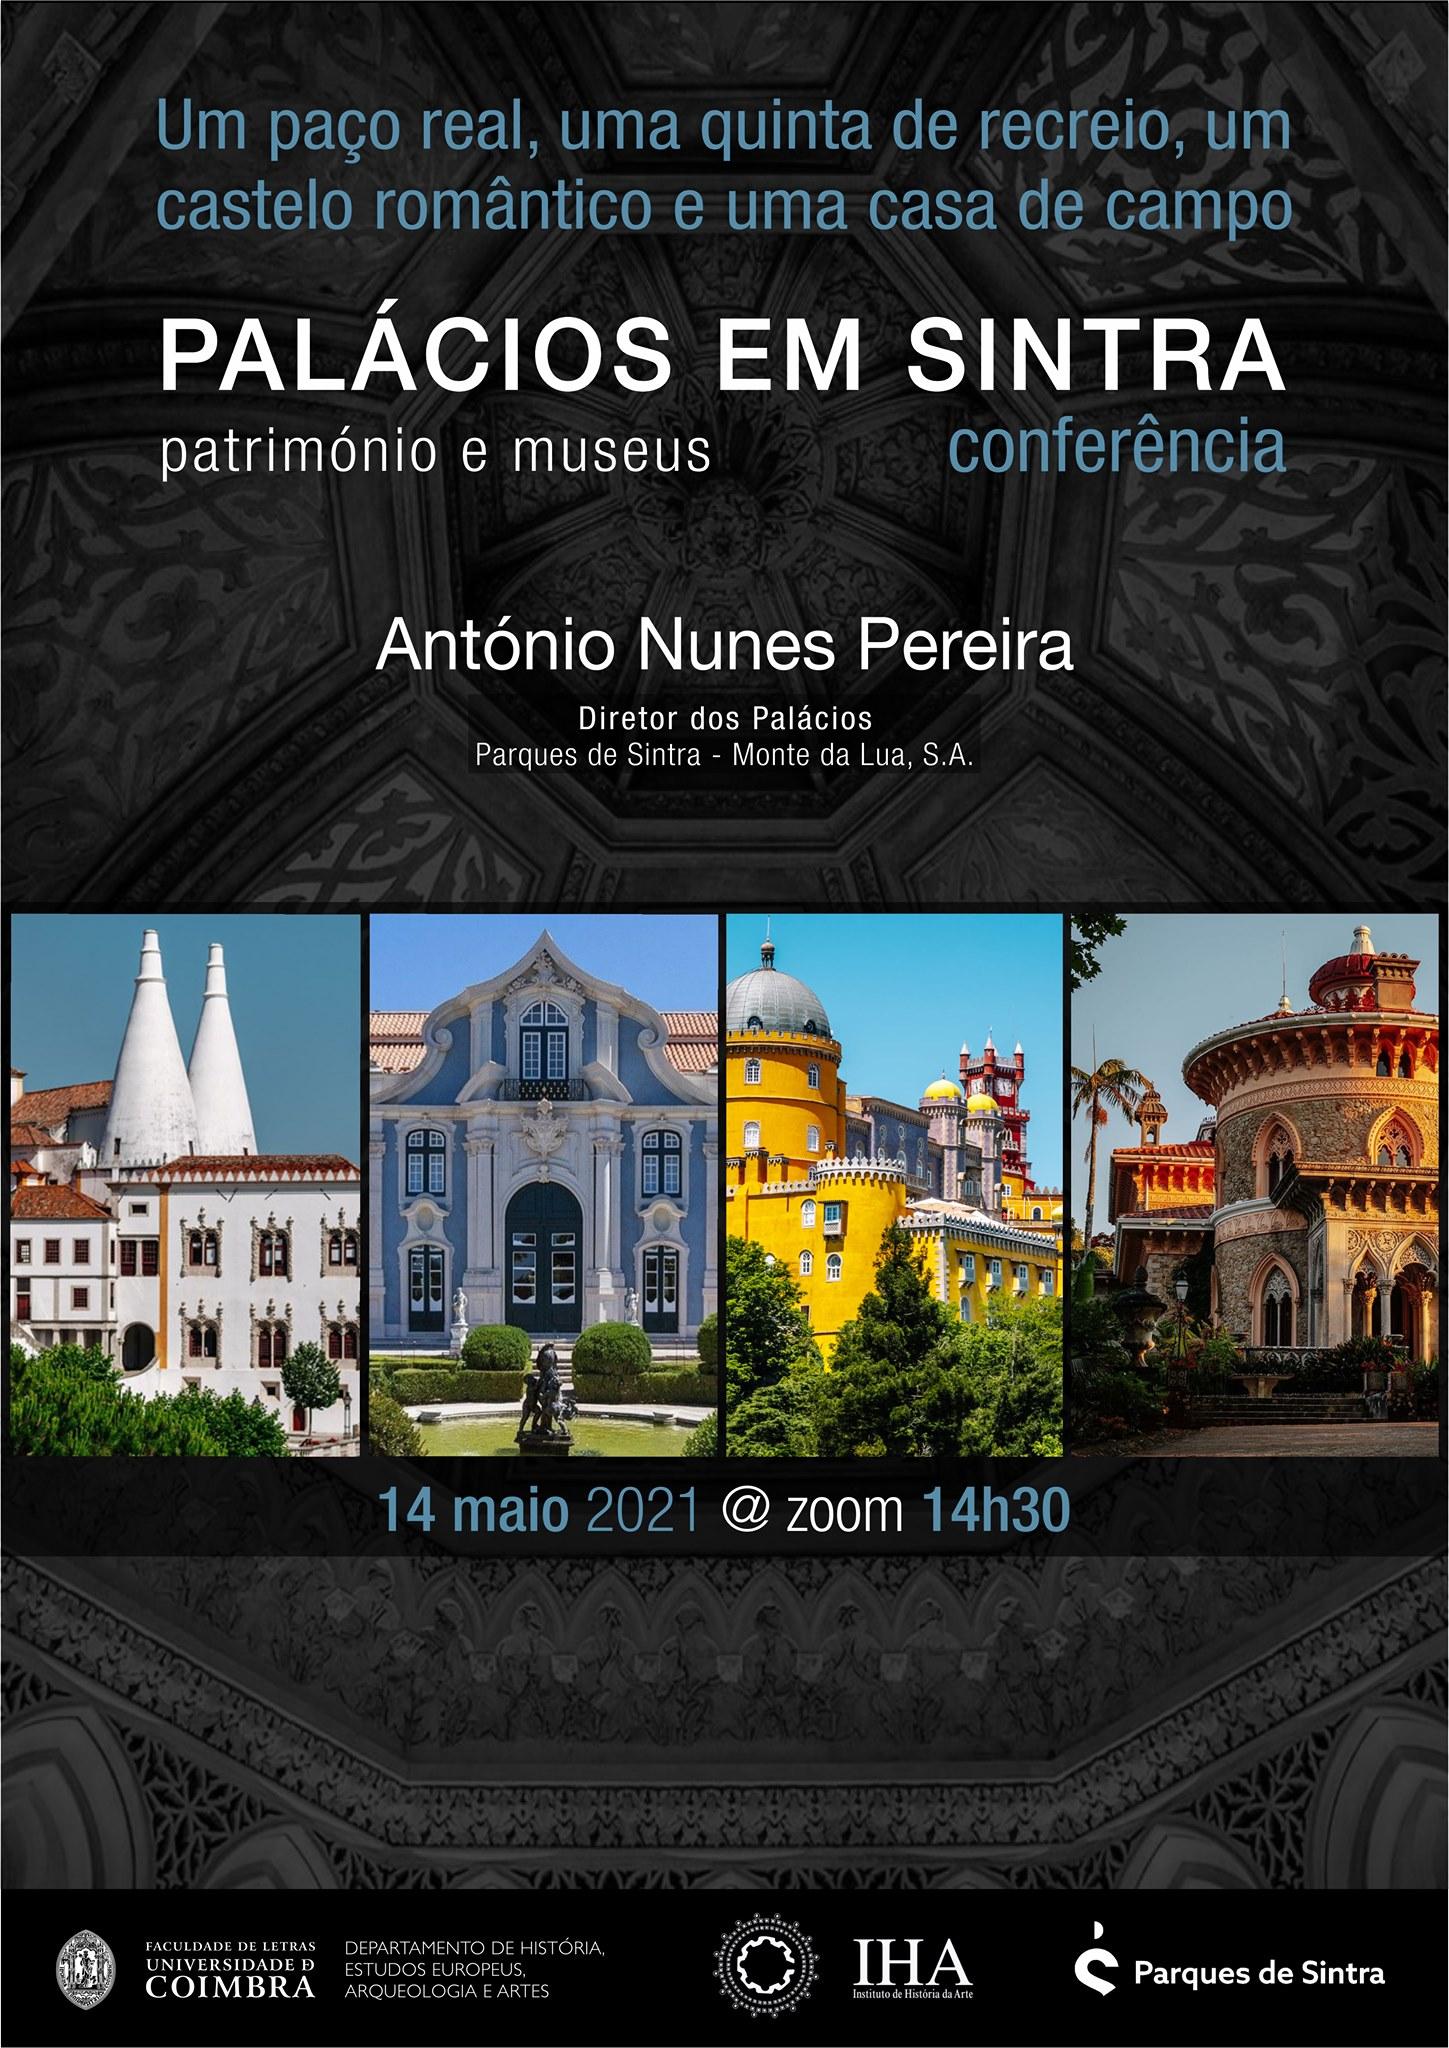 Conferência 'Um Paço Real, uma Quinta de Recreio, um Castelo Romântico e uma Casa de Campo'